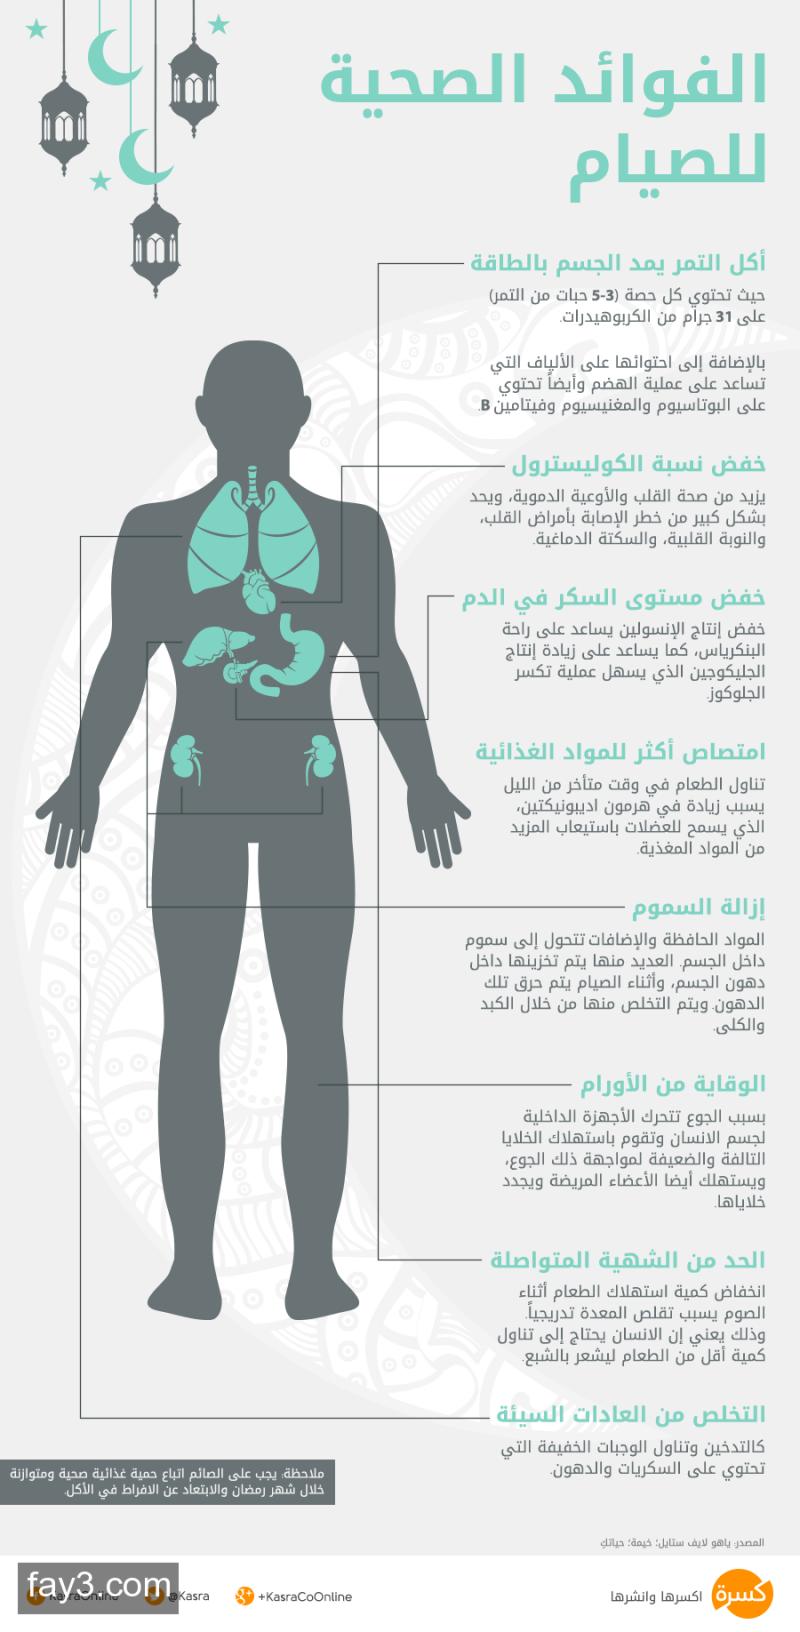 انفوجرافيك الفوائد الصحية للصيام رمضان صحة Ramadan Life Quotes Quotations